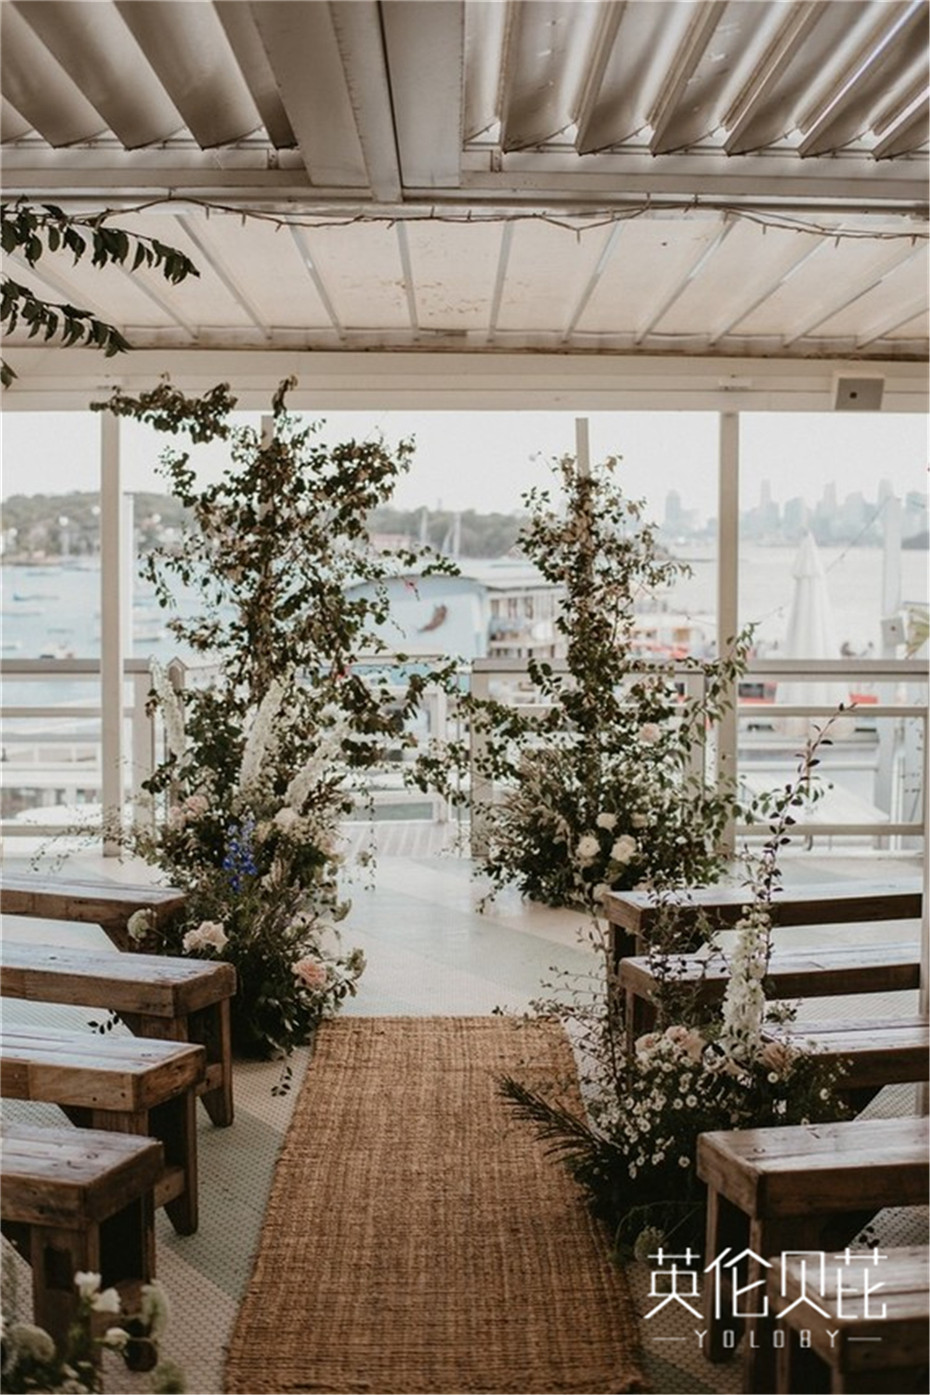 浪漫的老式沿海婚庆氛围